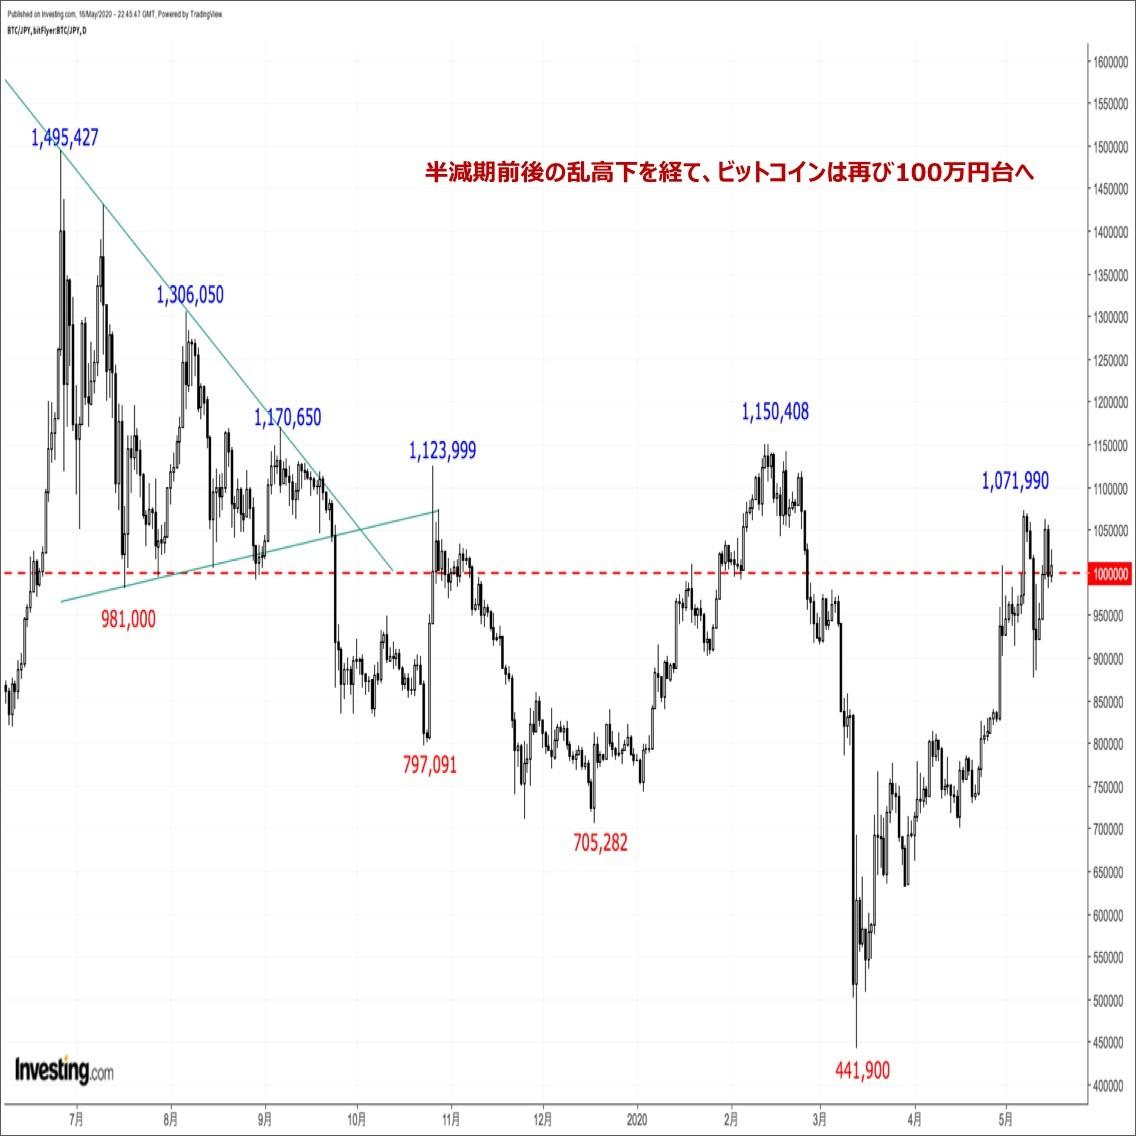 ビットコインの価格分析:『半減期前後の乱高下を経て、ビットコインは再び100万円の大台回復』